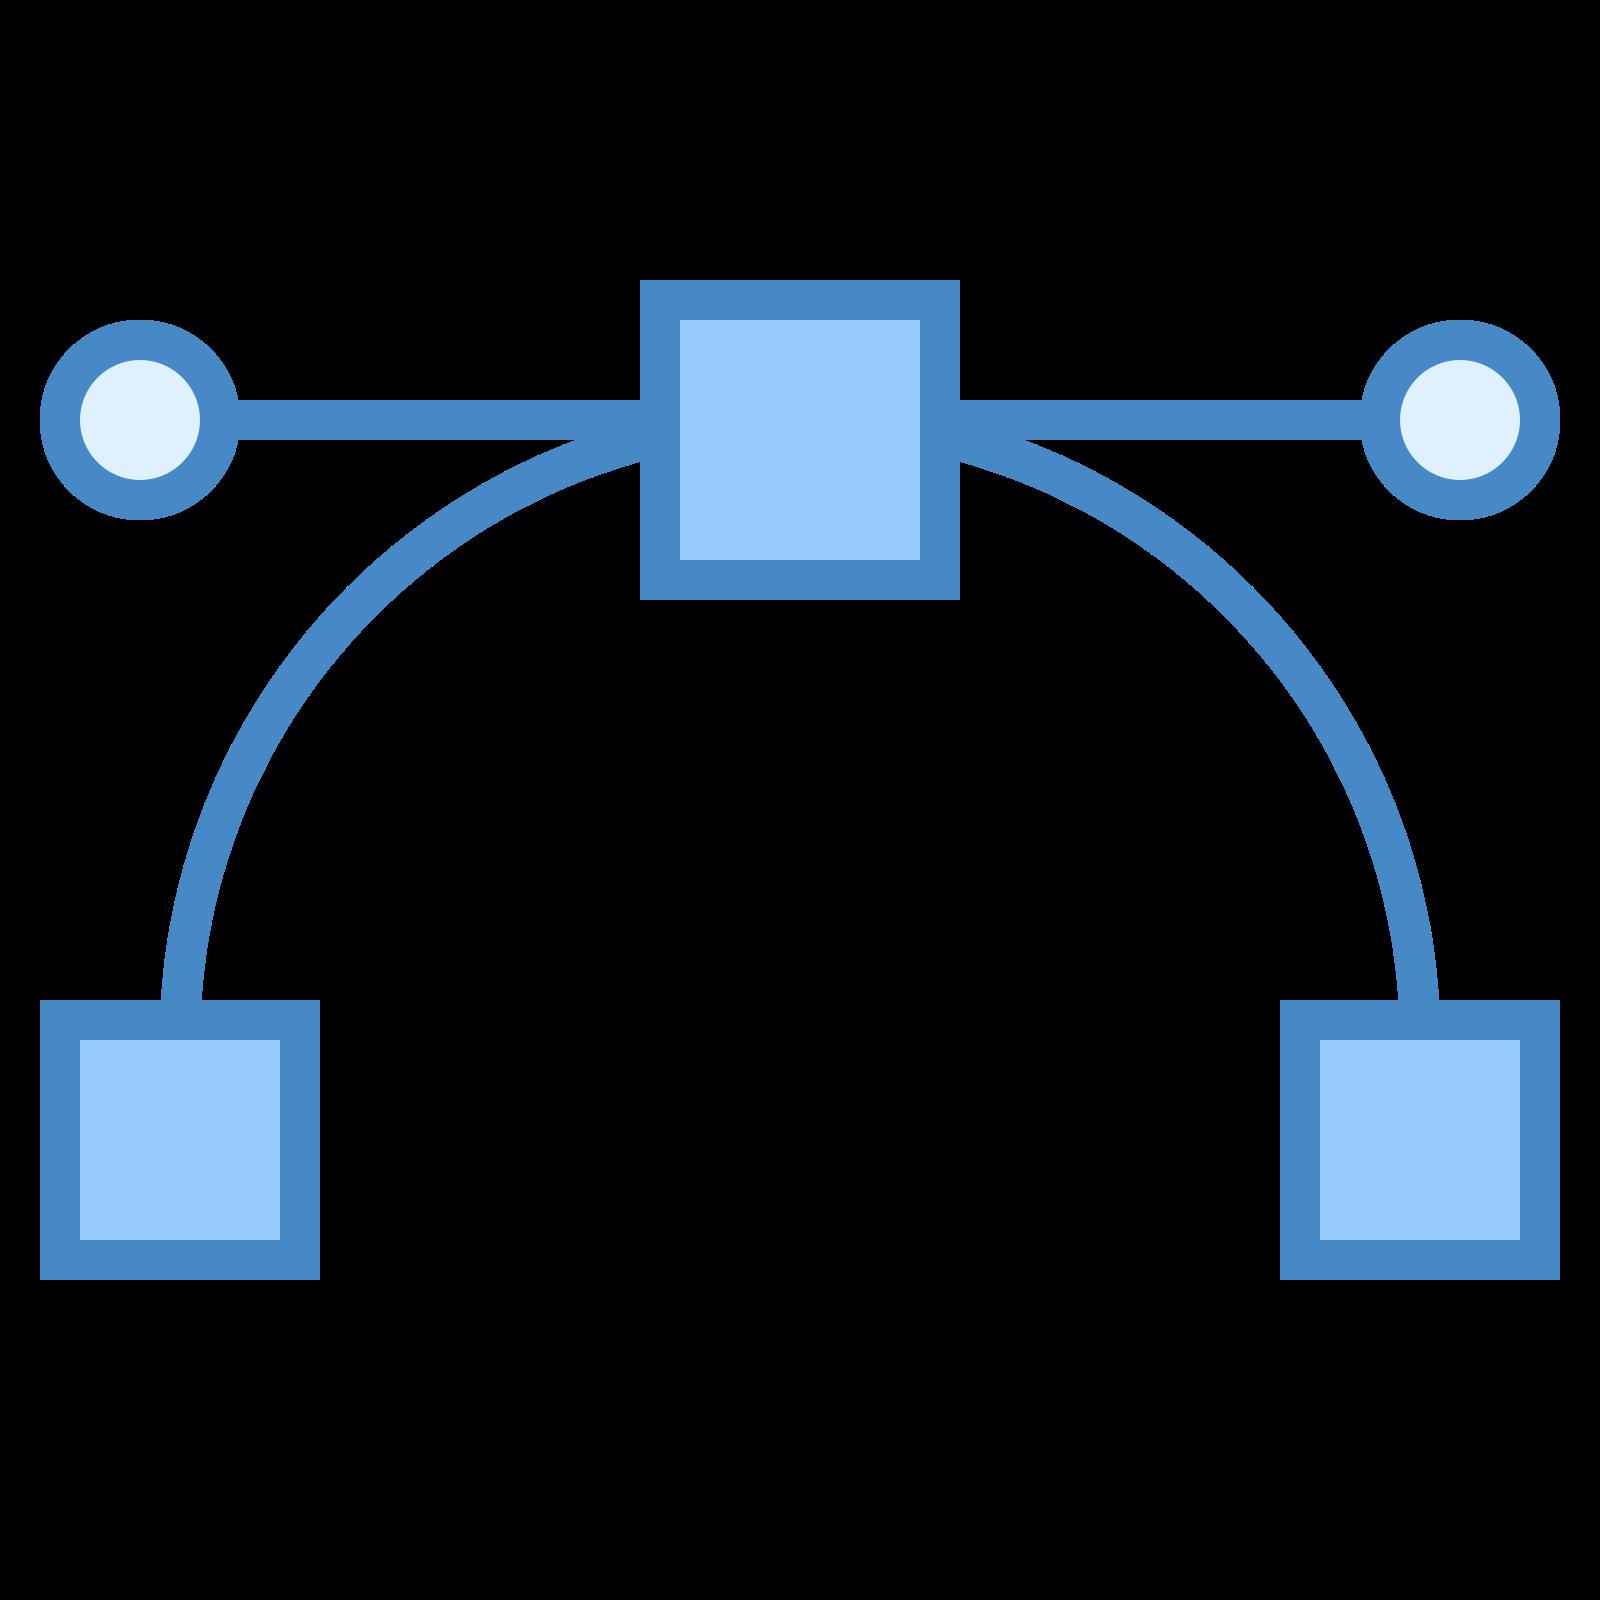 ベクター icon. This is an icon to represent a vector. There is a horizontal line on top with a dot on either side. There is a square in the middle of this line. There are two curved lines going downward away from the square with a square of the same size at the end of each of the curved lines.